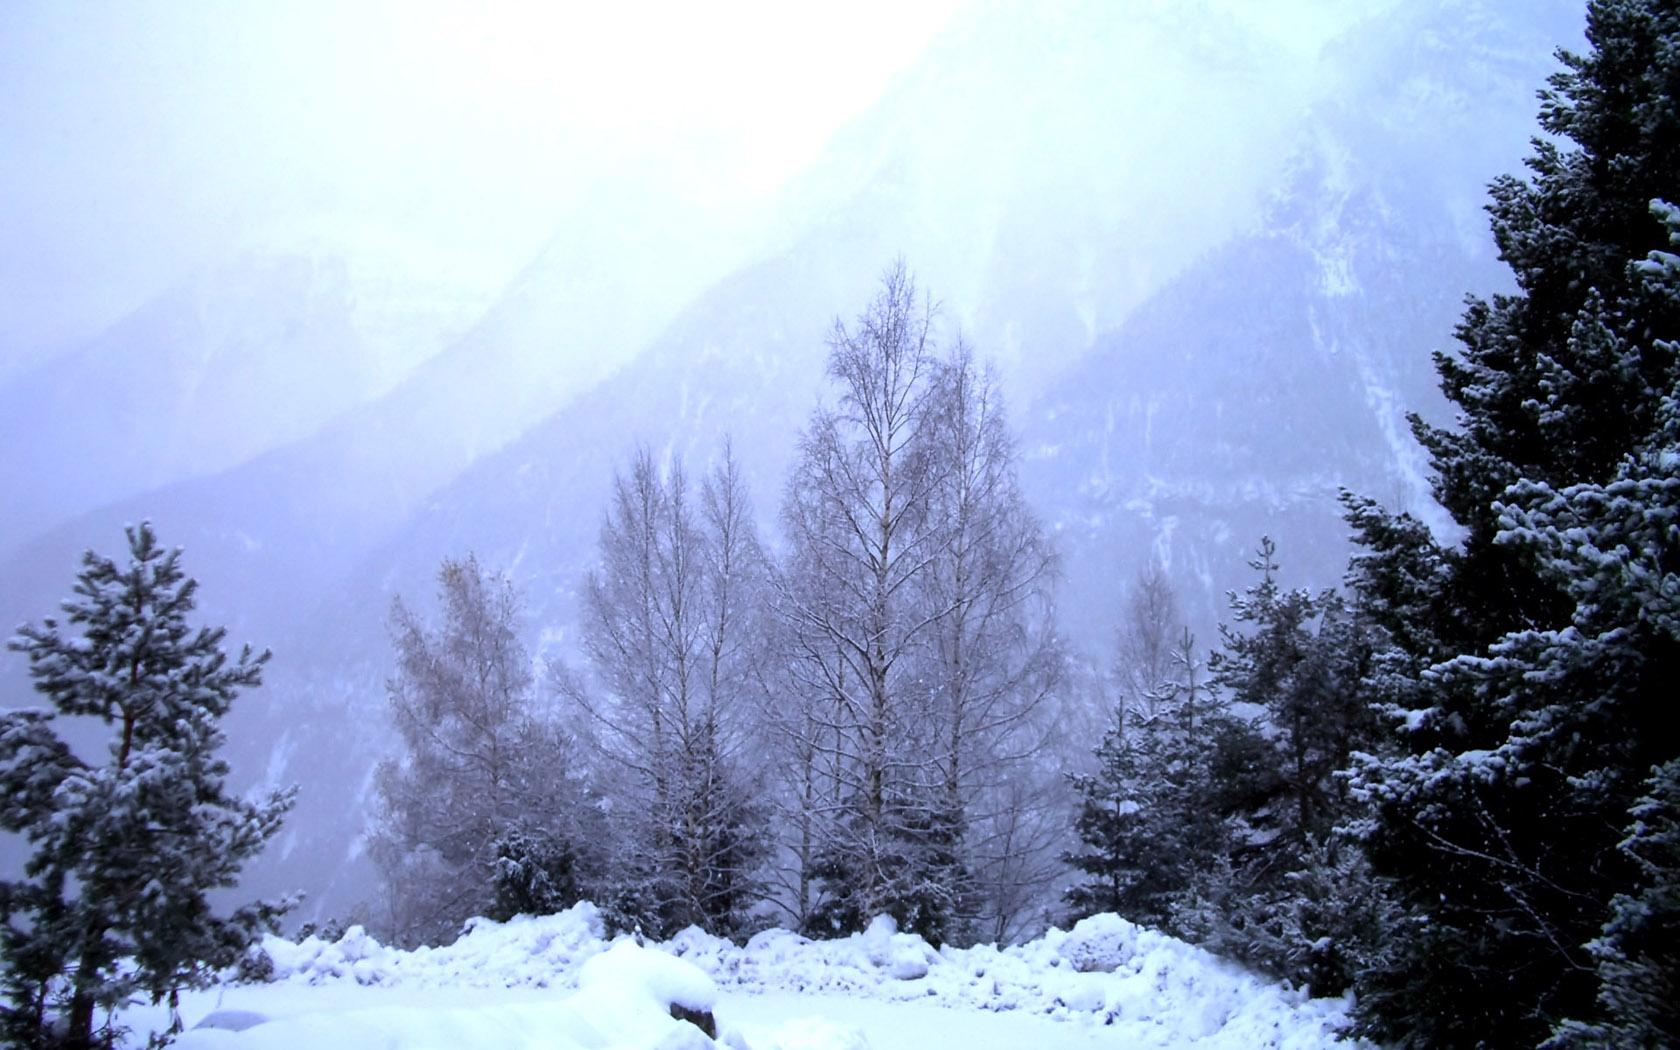 Widescreen High Resolution Winter Wallpaper - WallpaperSafari